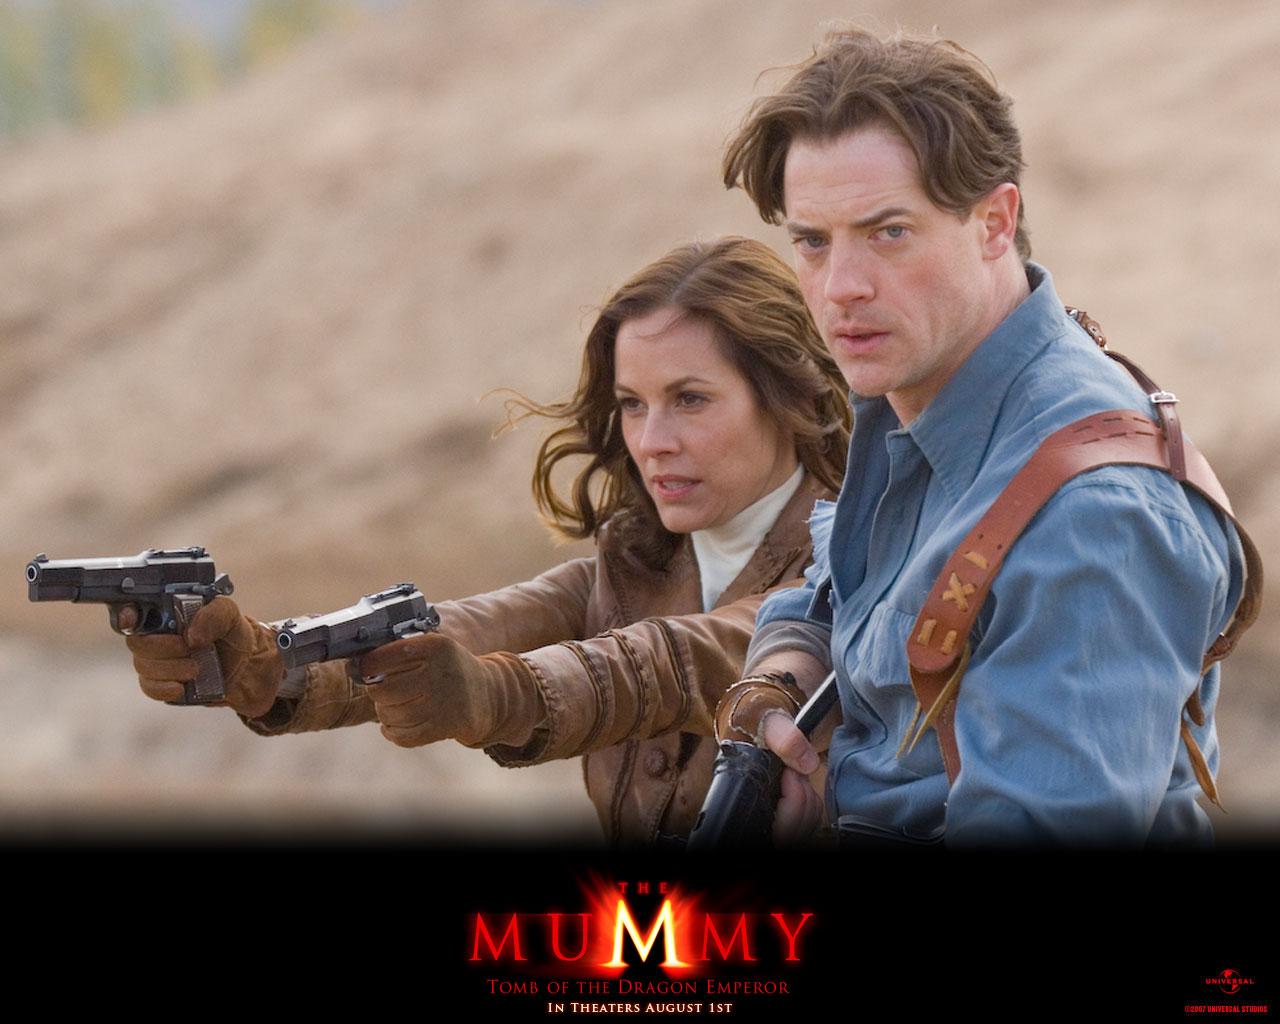 смотреть мумия 3 онлайн в хорошем качестве онлайн